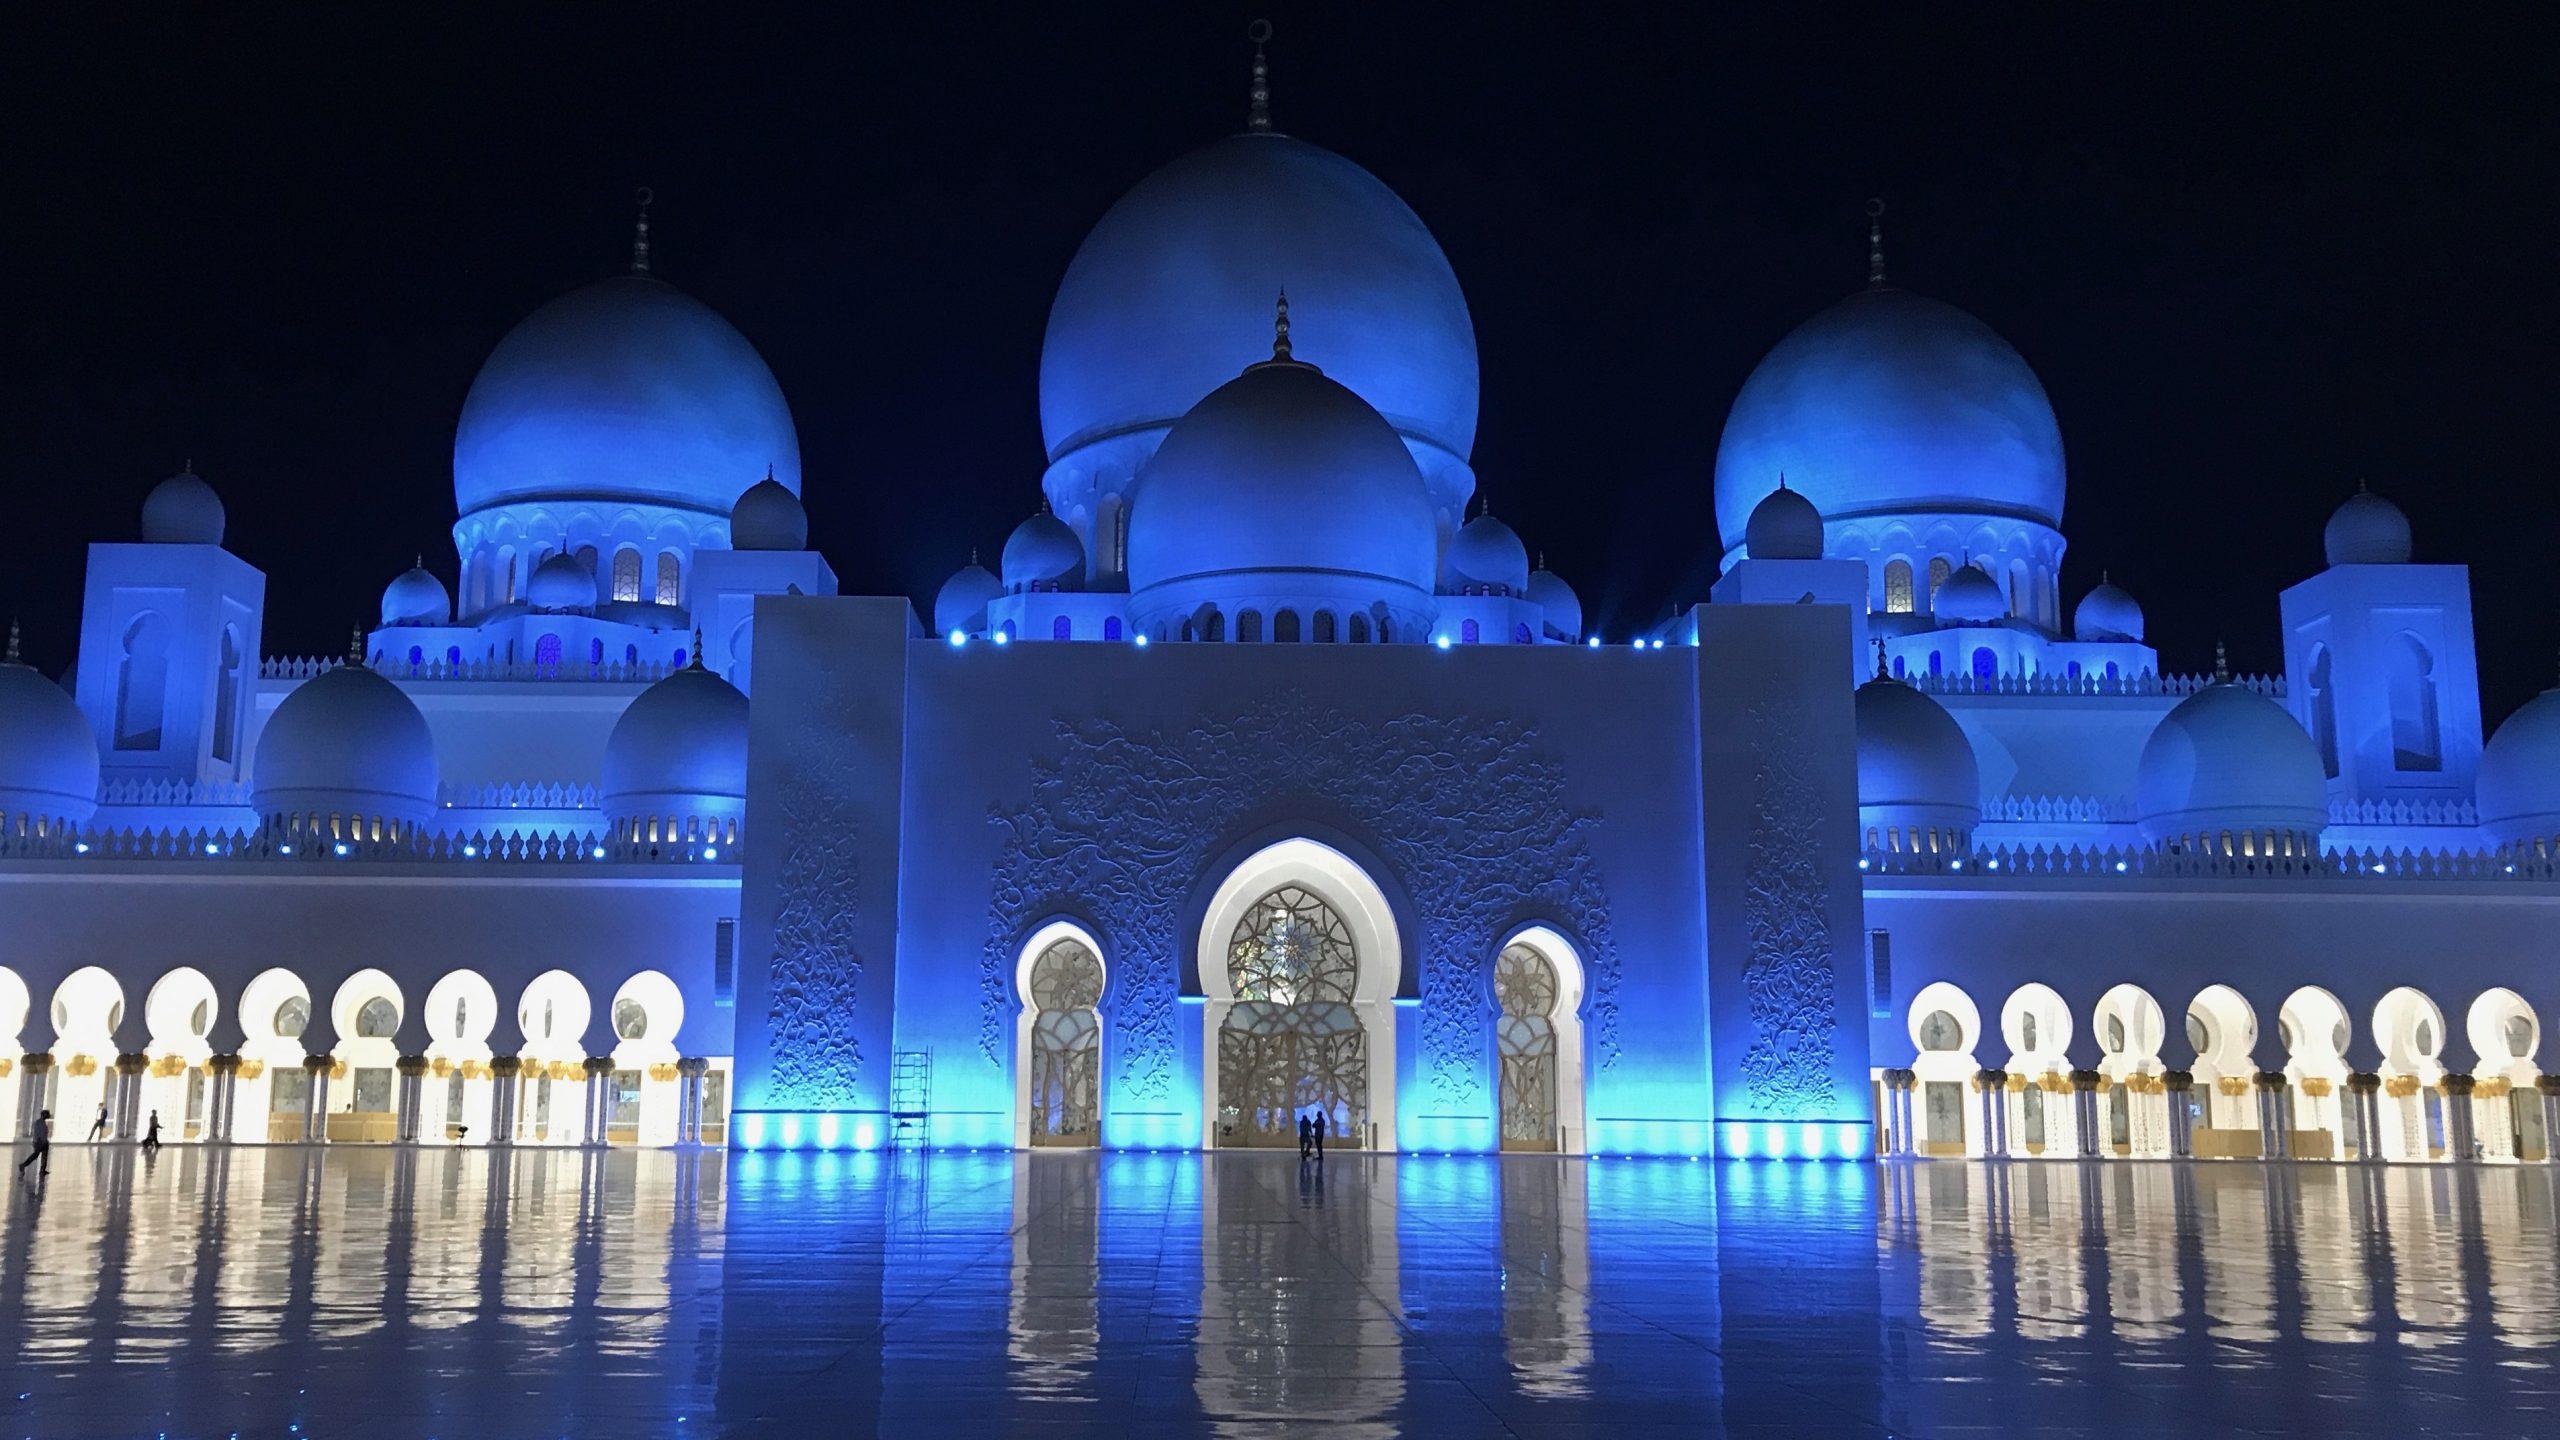 Scheich-Zayid-Moschee Abu Dhabi bei Nacht. Blau leuchtet die Mosche und glänzt vor dem dunklen Himmel besonders schön. Der Marmorboden sieht dabei aus wie ein endloses Meer.